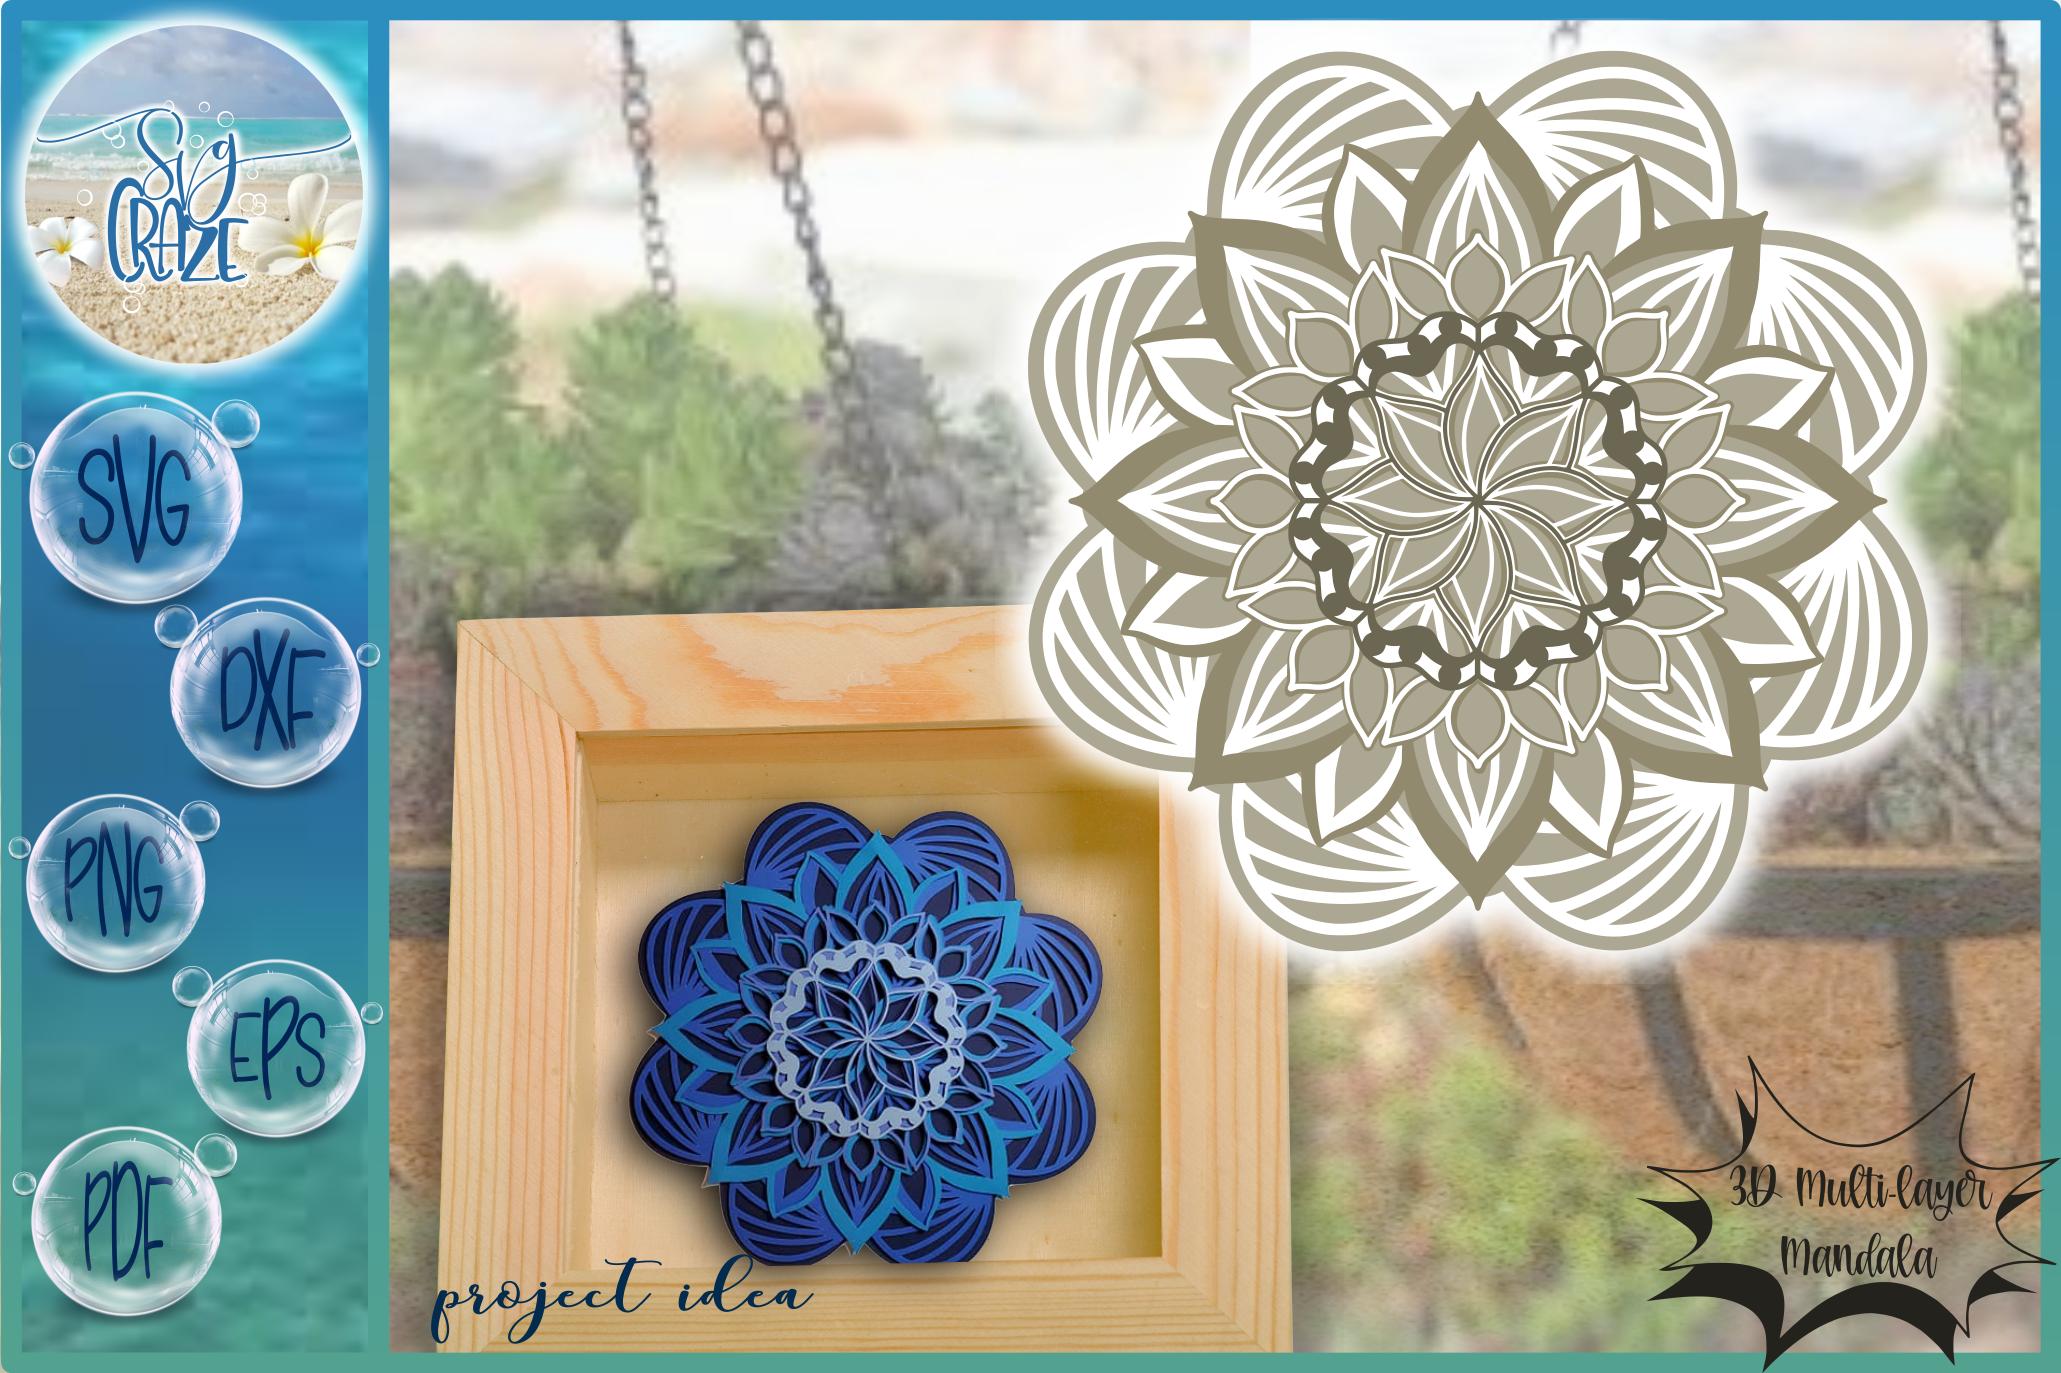 Download 3D Mandala Multi Layered Floral Mandala SVG in 2020 ...